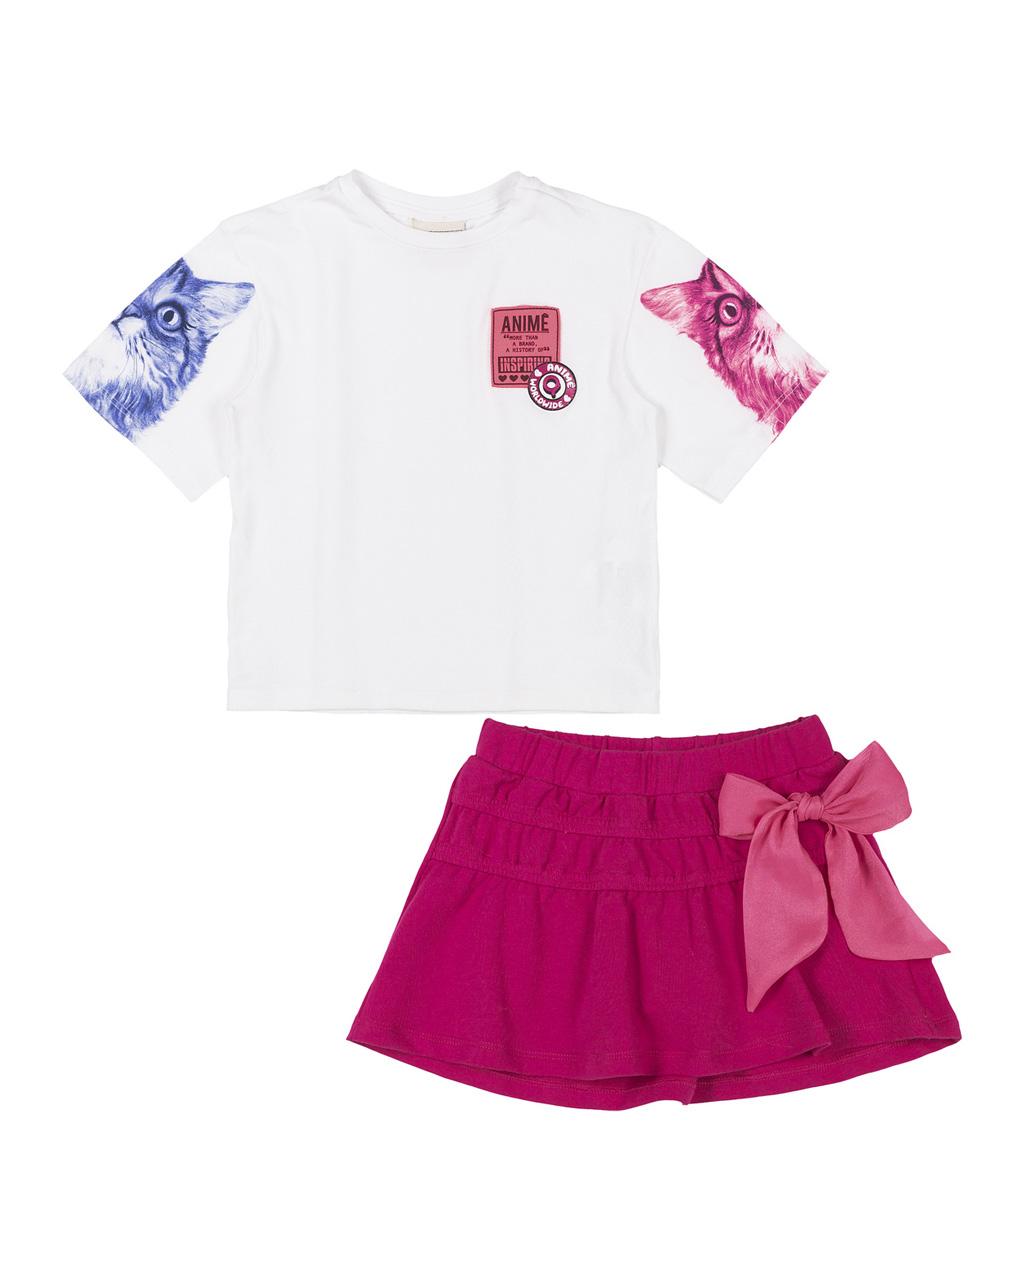 Conjunto Infantil Blusa Manga Gatinho e Saia Laço Rosa Neon Animê